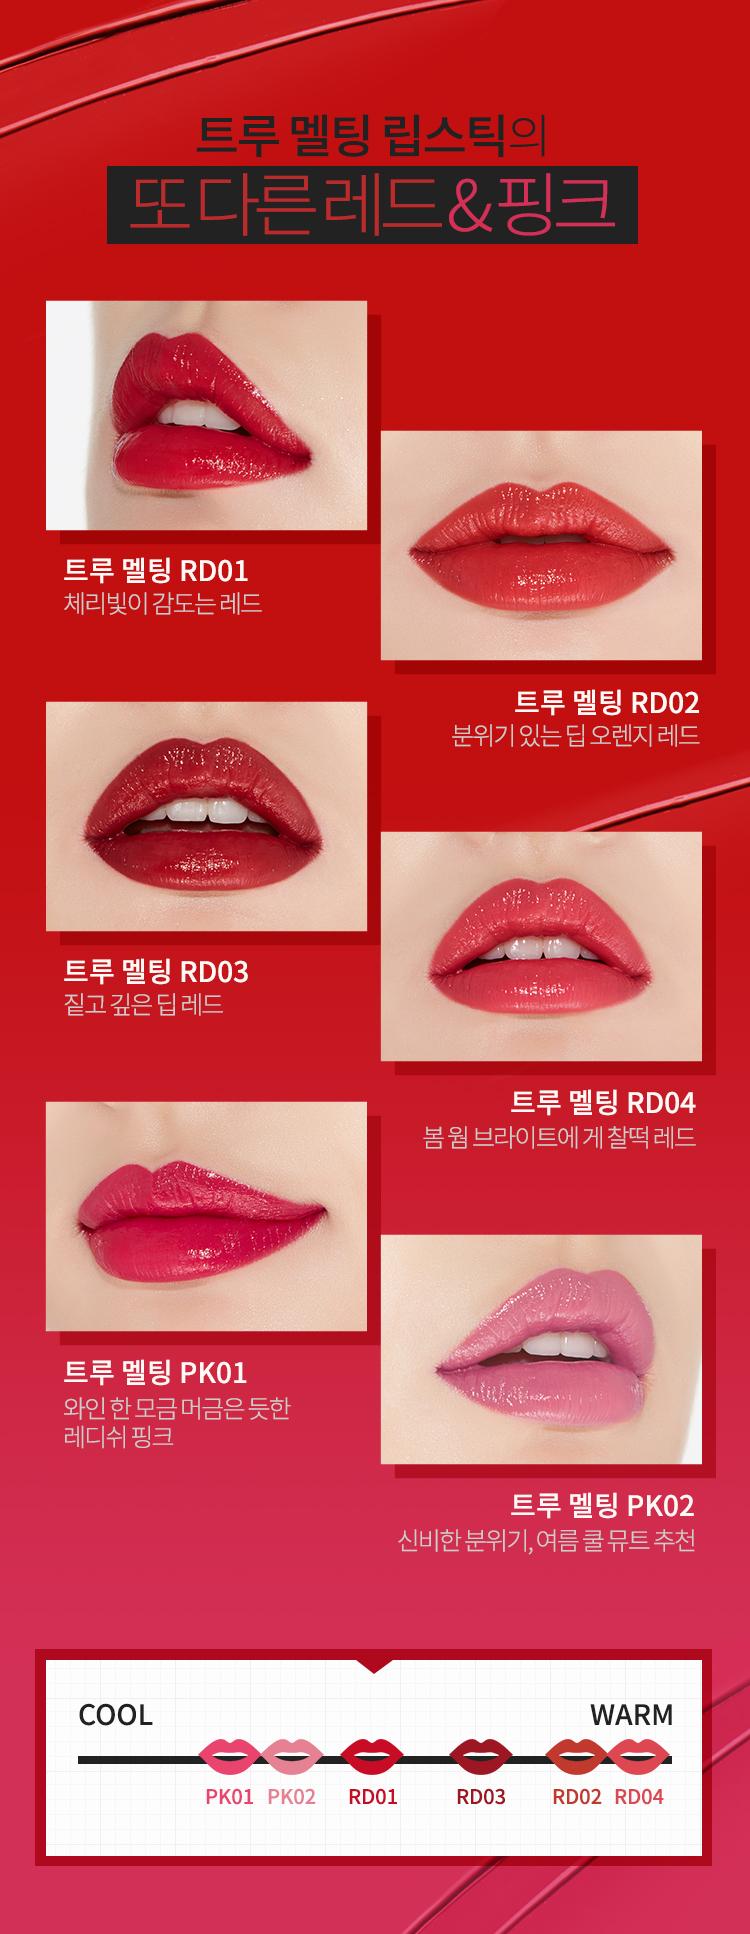 APIEU_True_Melting_Lipstick_RD04PK02_03.jpg